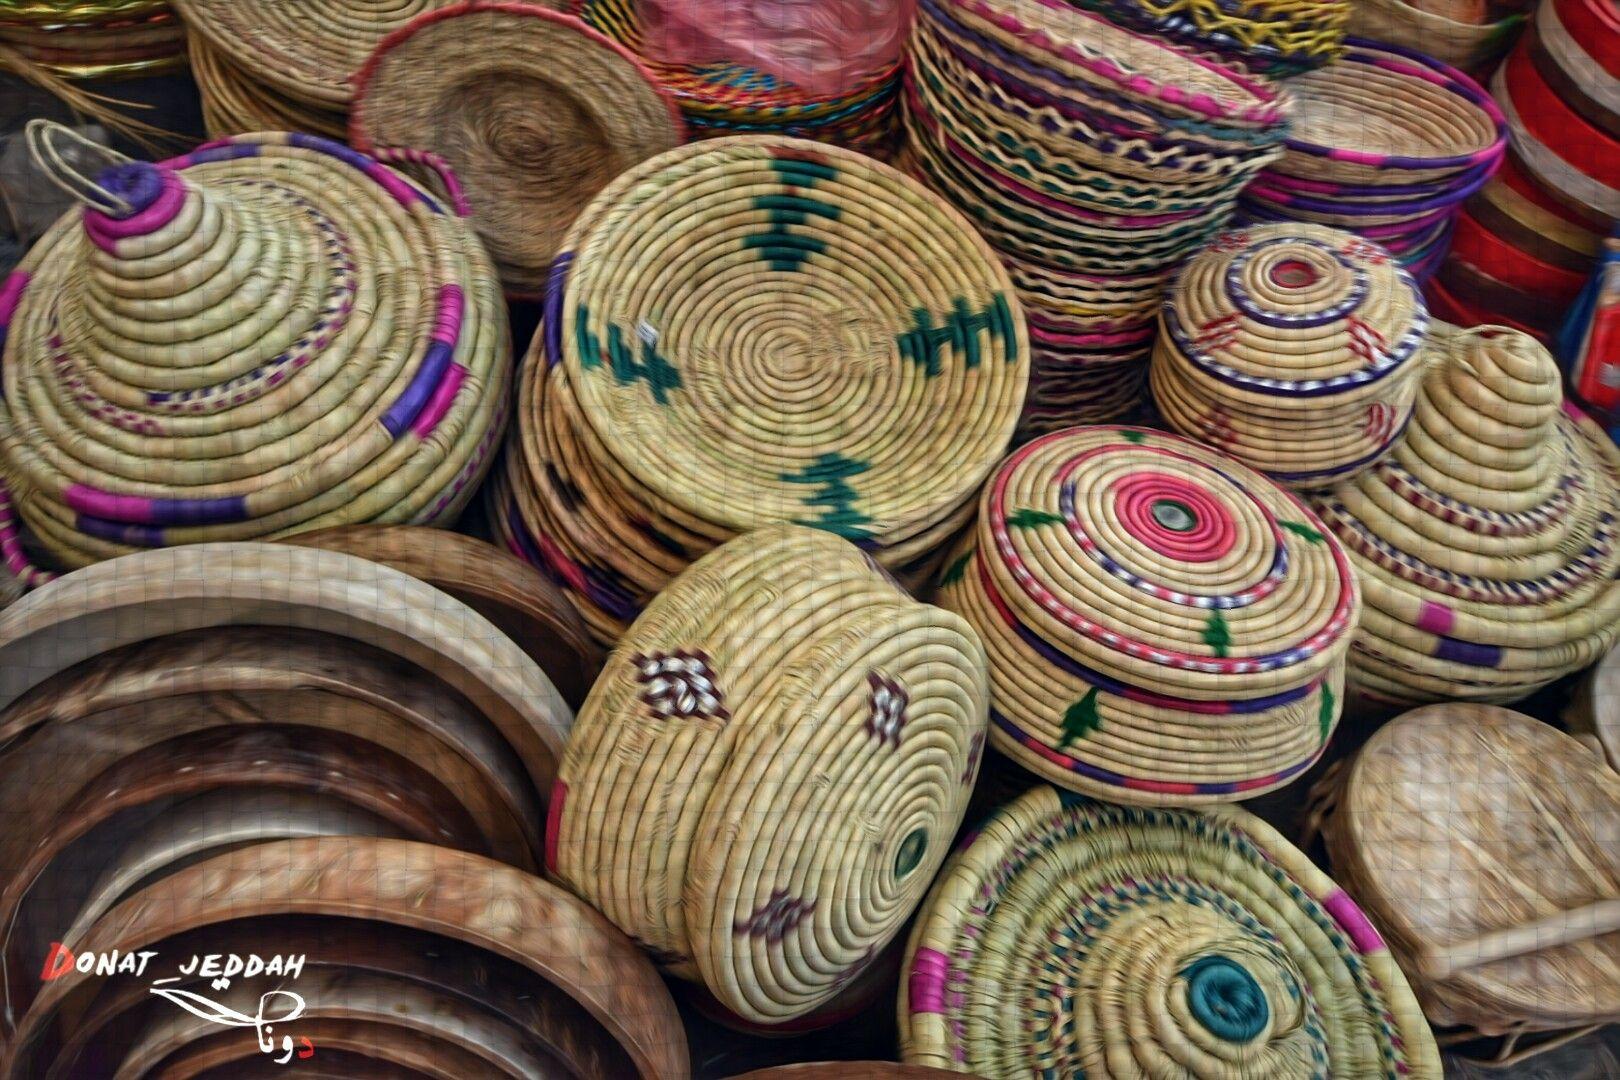 مشغولات يدوية من القش في سوق البدو في المنطقة التاريخية Hats Sombrero